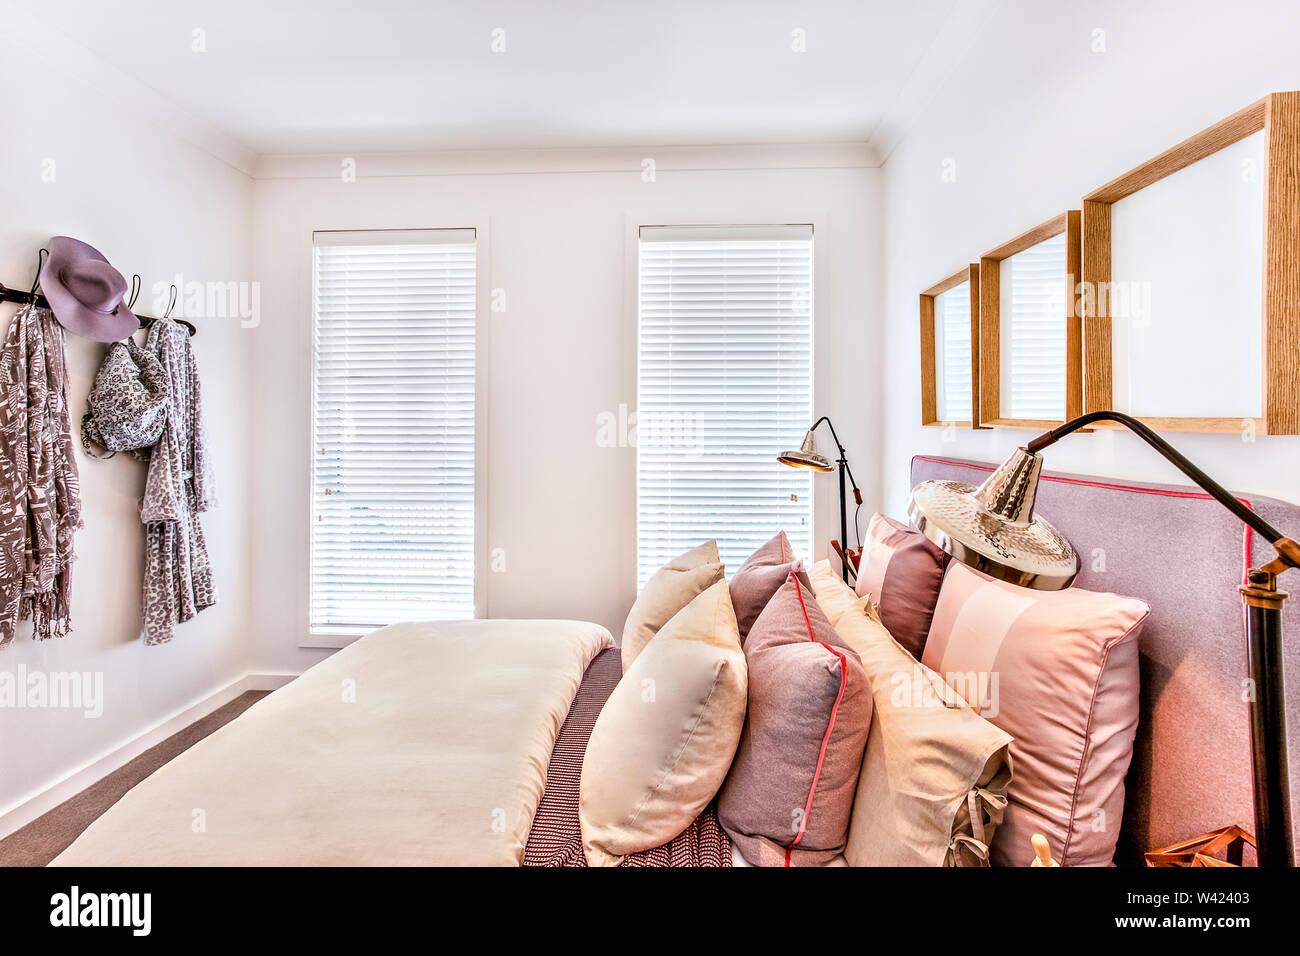 La camera da letto di lusso closeup con lampada da tavolo e cuscini sul letto con una spessa coperta dalla vista laterale, windows coperto con filtro e chiuso, clo Immagini Stock